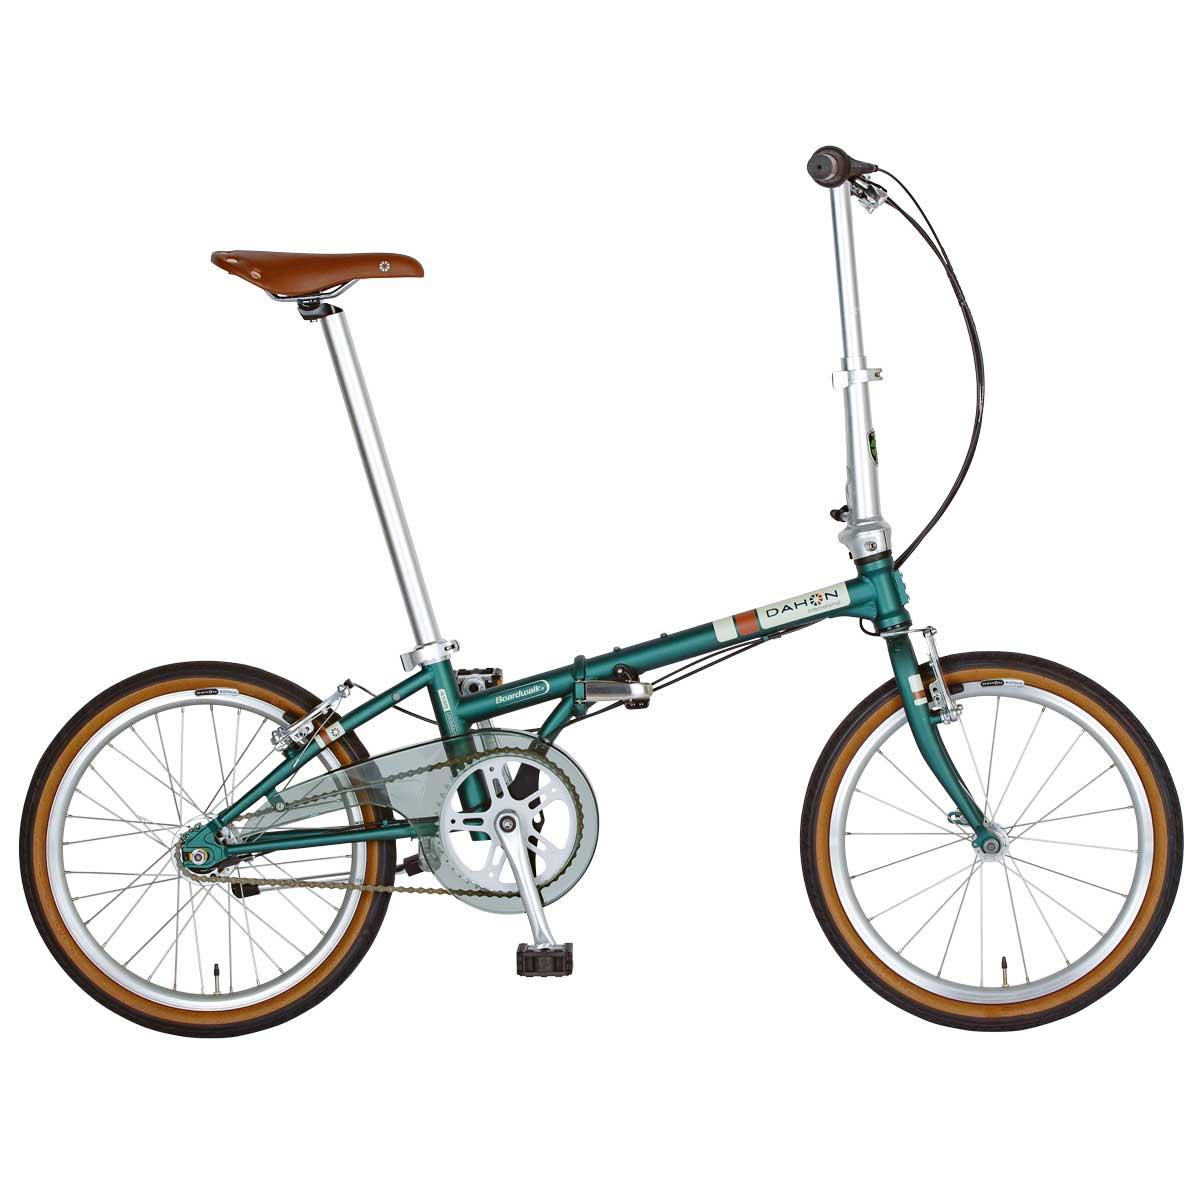 DAHON/ダホン Boardwalk I5 ボードウォーク I5 マットアッシュグリーン(9007) 折りたたみ自転車 自転車本体